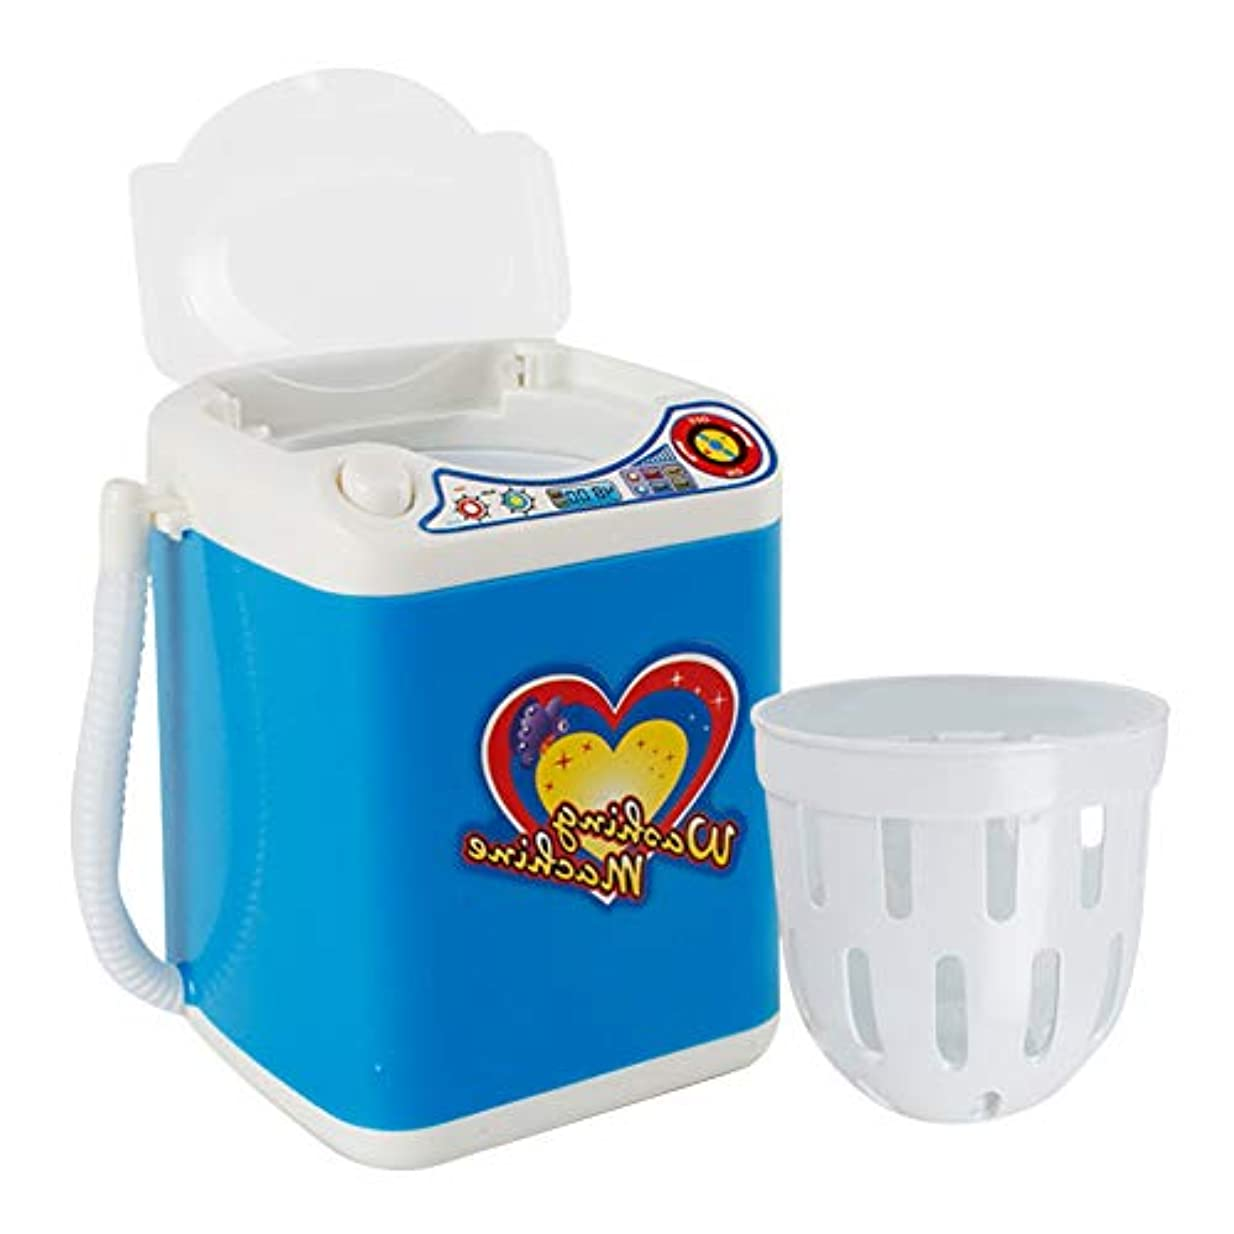 規範滞在洞察力洗濯機丈夫なクリーニング子供家具玩具ポータブル自動回転ミニ電気ふりプレイ電池式ランドリー排水バスケット化粧ブラシ(ブルー)